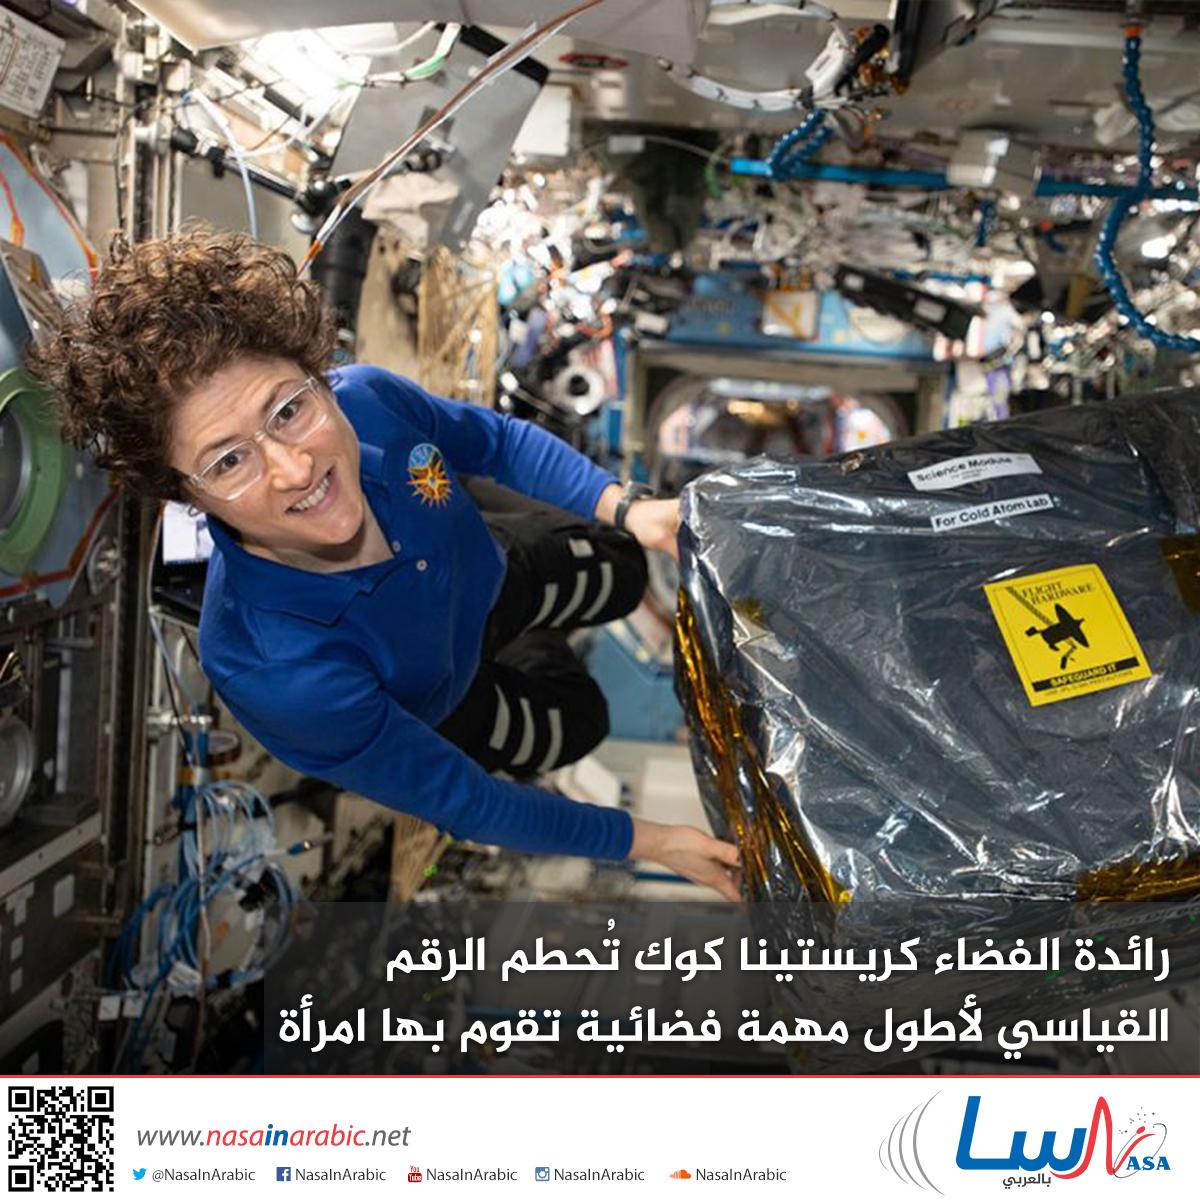 رائدة الفضاء كريستينا كوك تُحطم الرقم القياسي لأطول مهمة فضائية تقوم بها امرأة